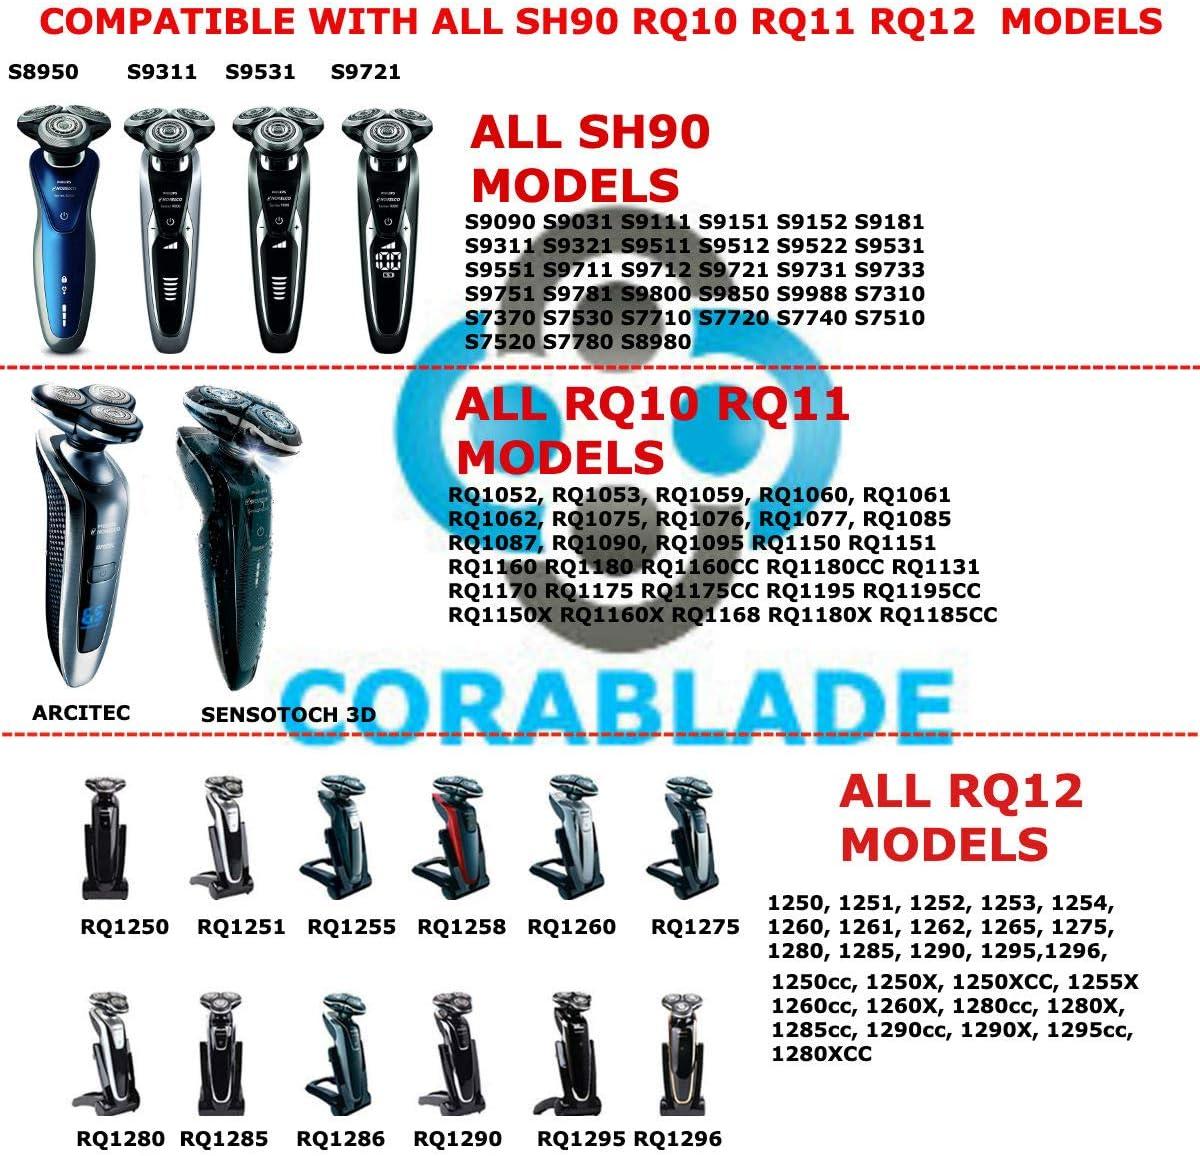 CORABLADE SH90 Cuchillas compatibles con cabezales de repuesto Philips Norelco Series 9000 SH90: Amazon.es: Belleza